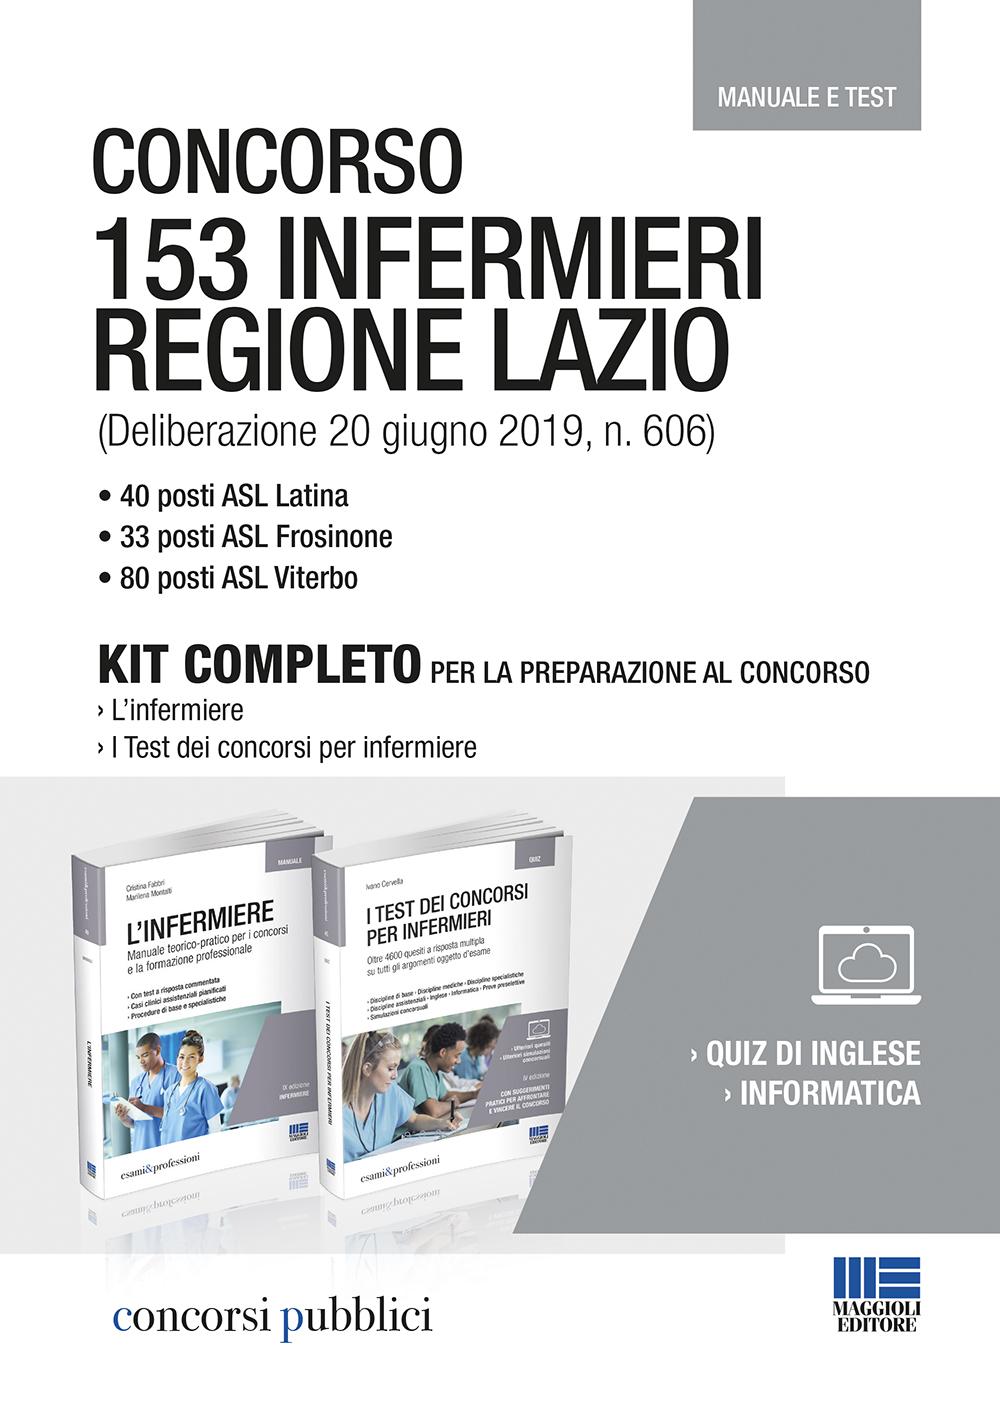 Concorso 153 infermieri Lazio - Manuale e quiz